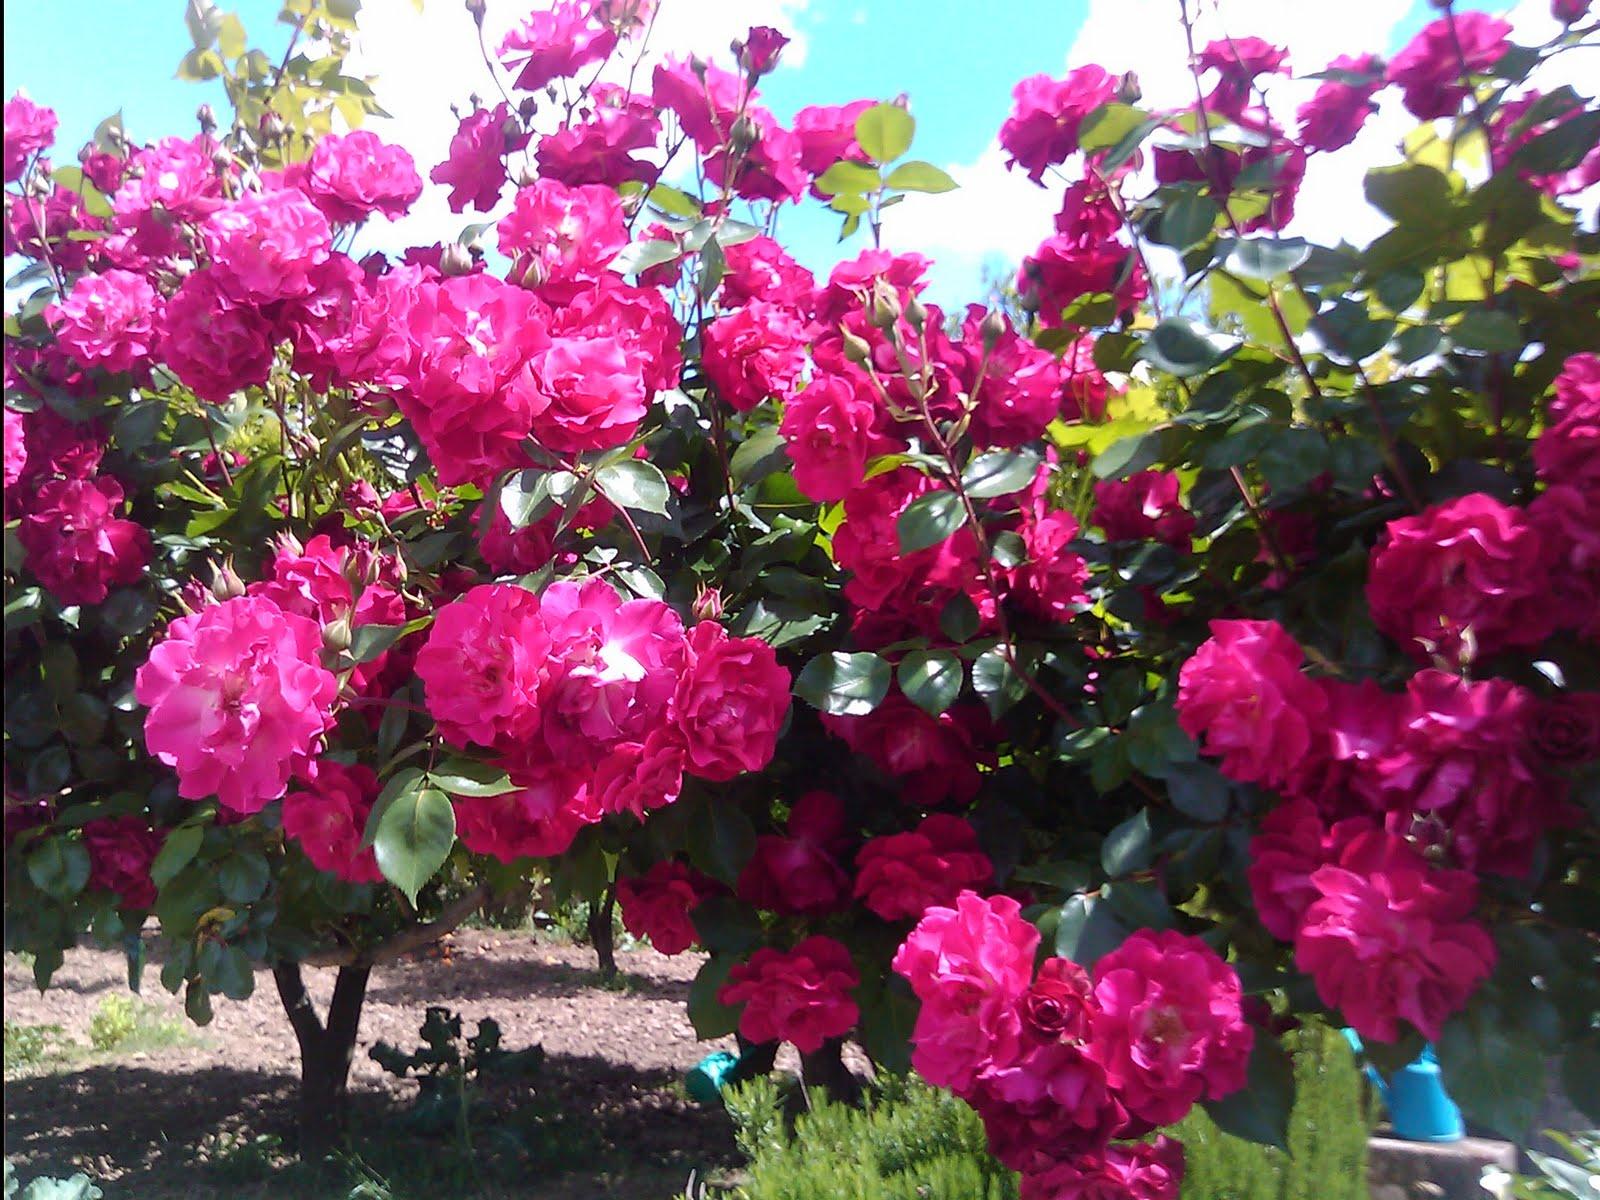 flores jardim secreto:Passageiro 16: O meu jardim secreto